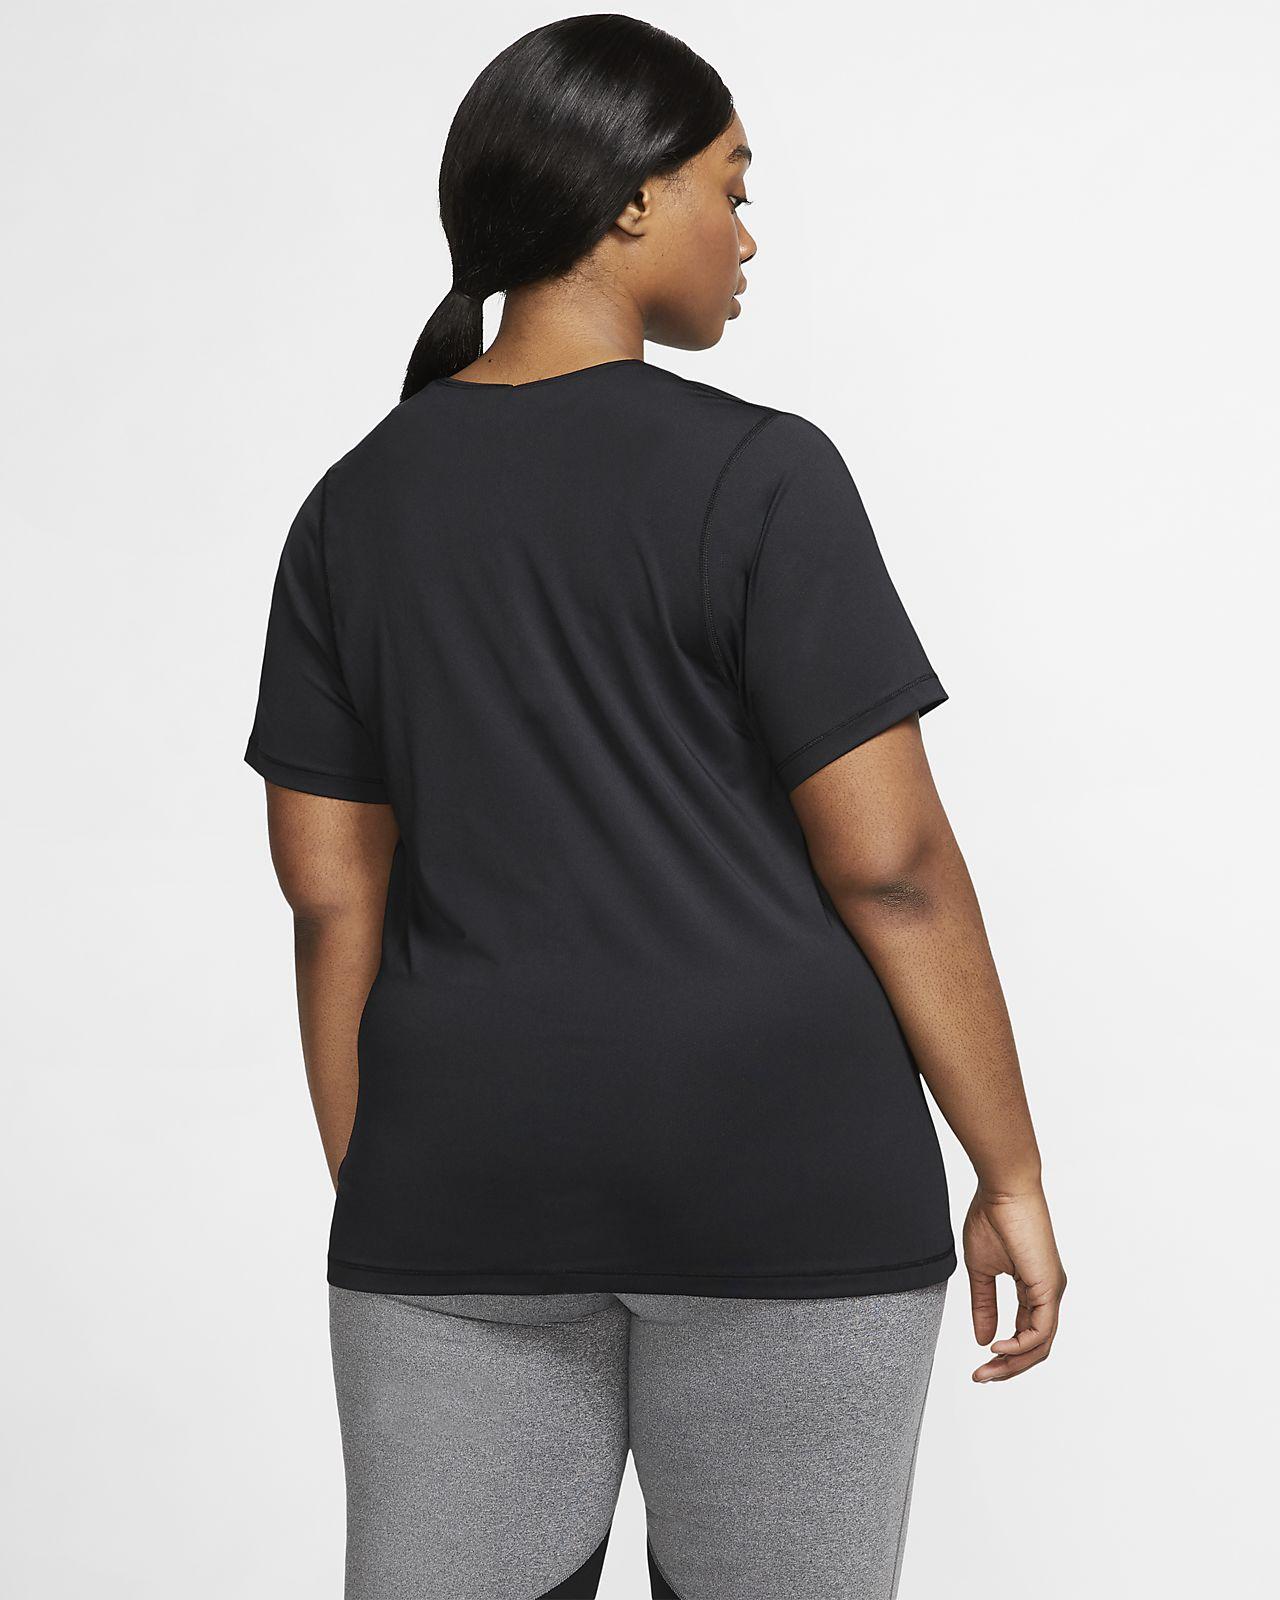 0c0334cd8d1e9 Nike Pro Women s Mesh Top (Plus Size). Nike.com